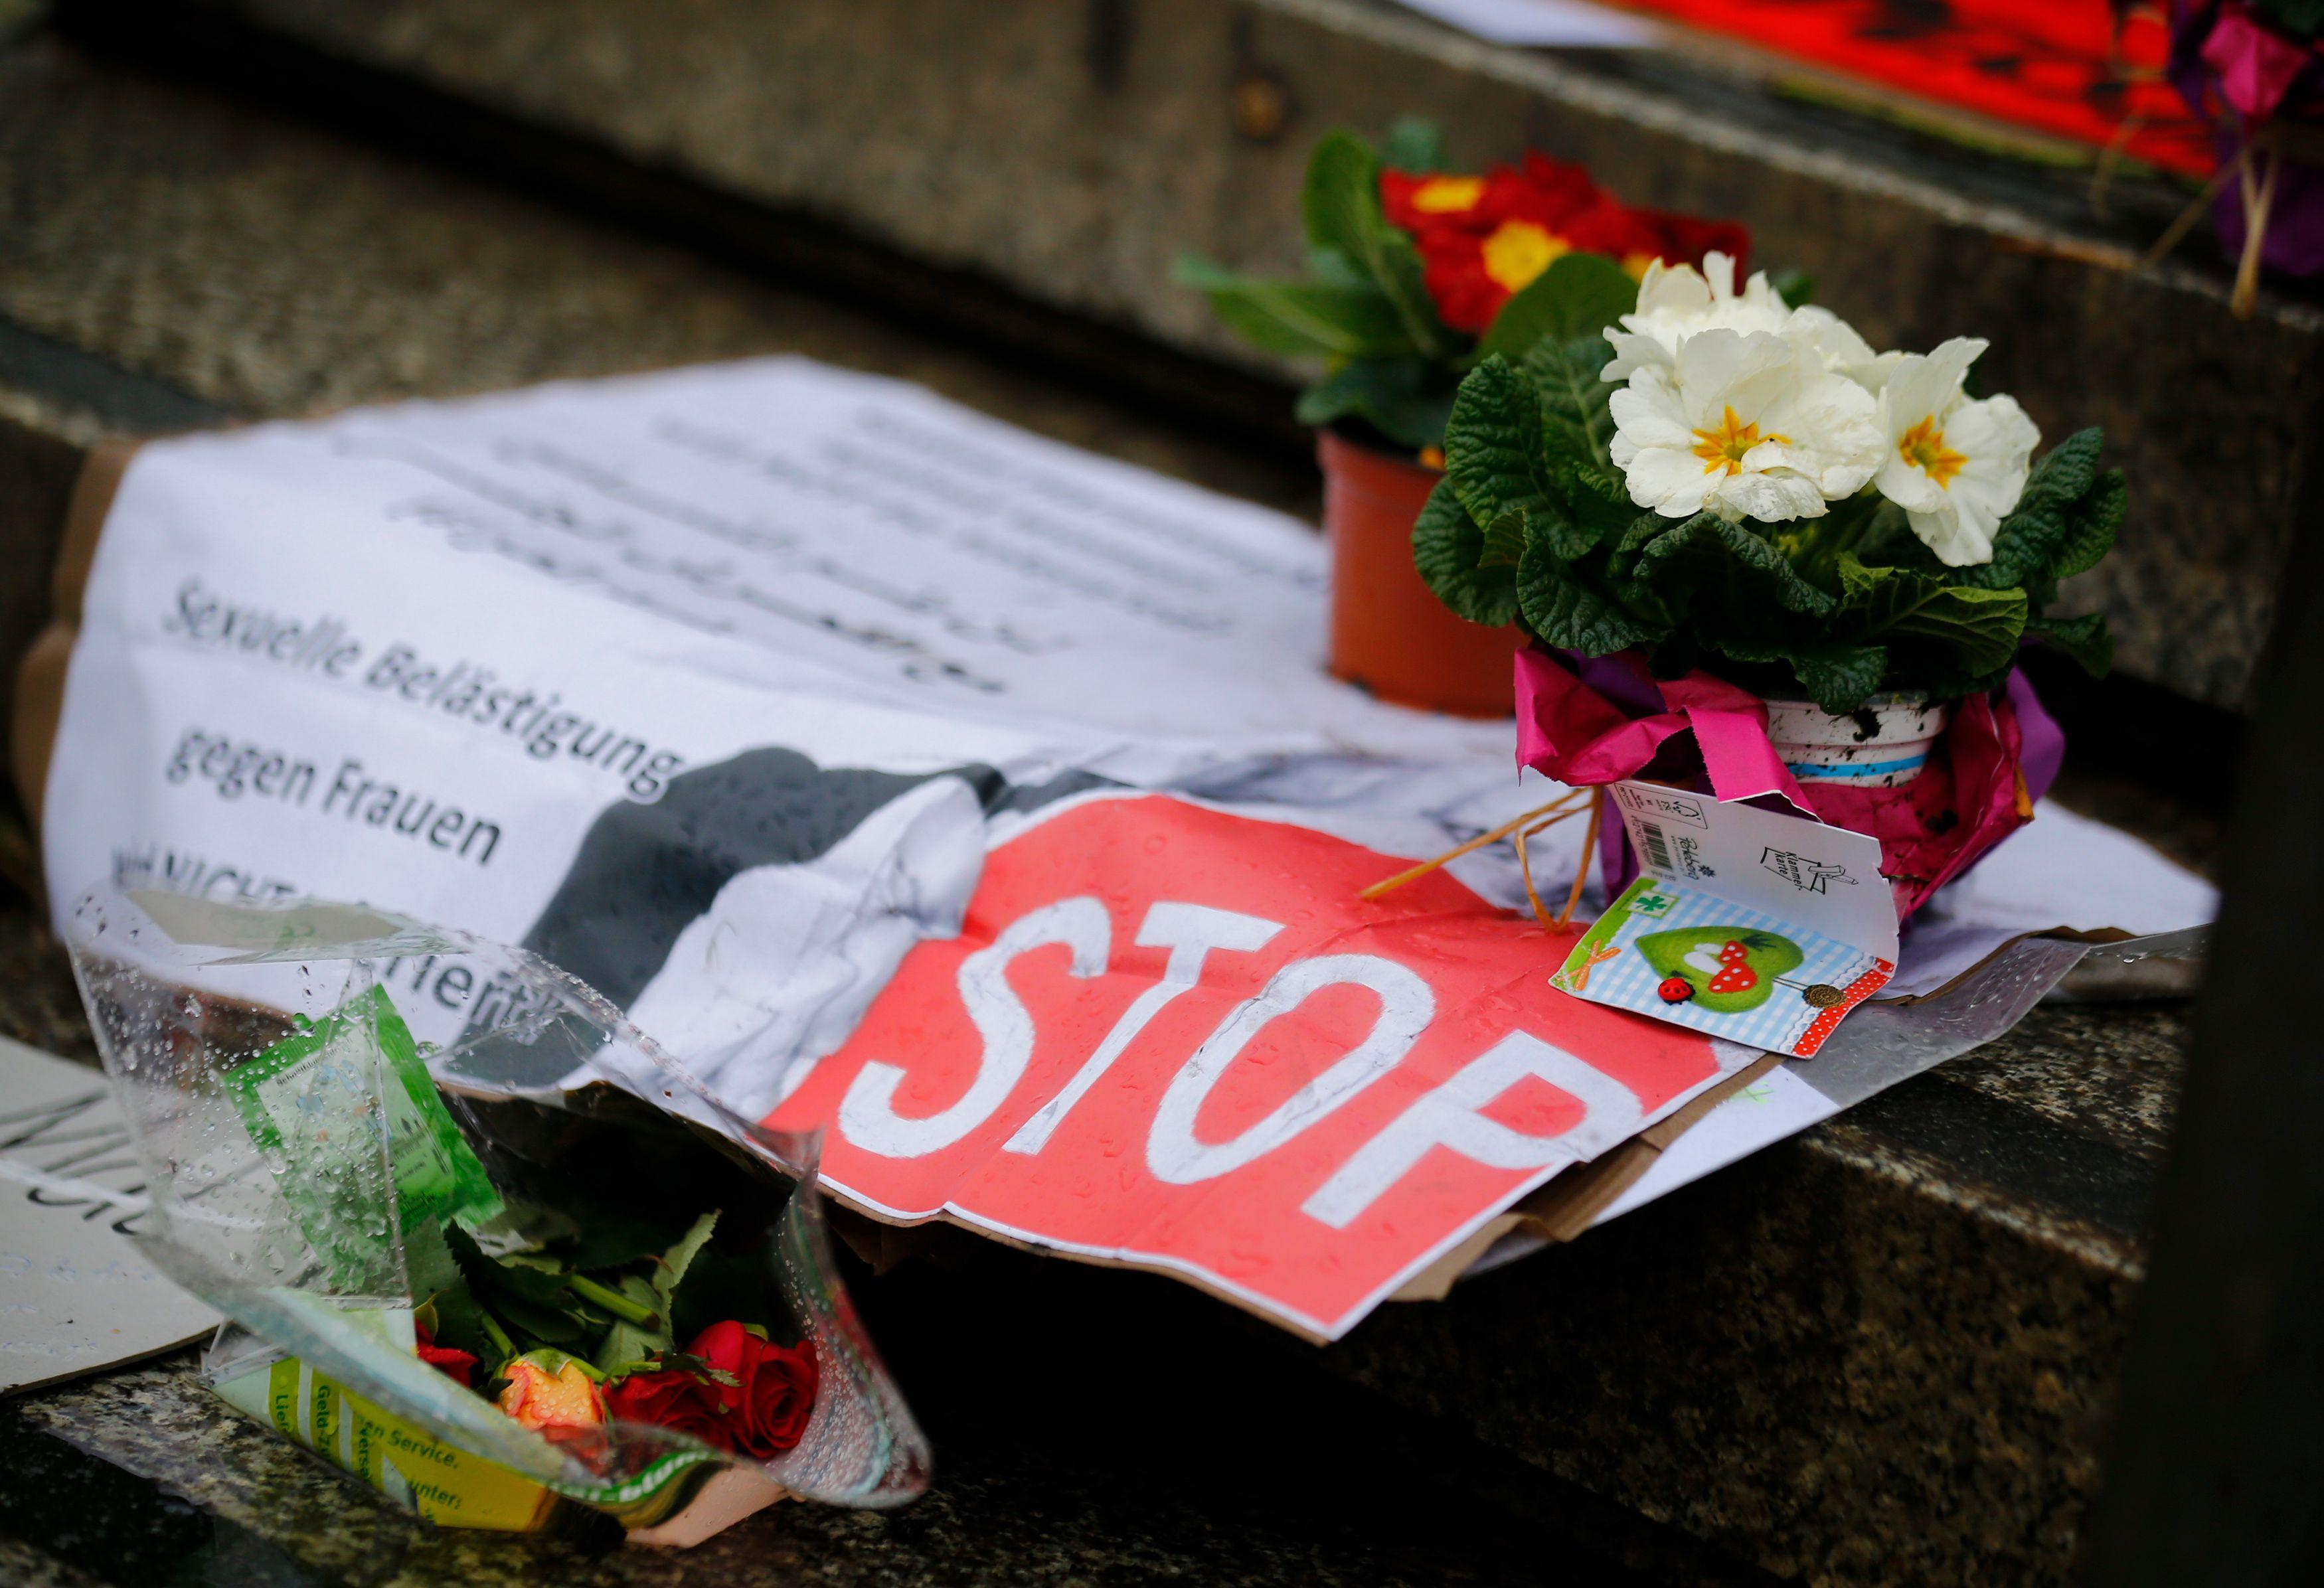 Agressions à Cologne : un phénomène bien plus important qu'annoncé